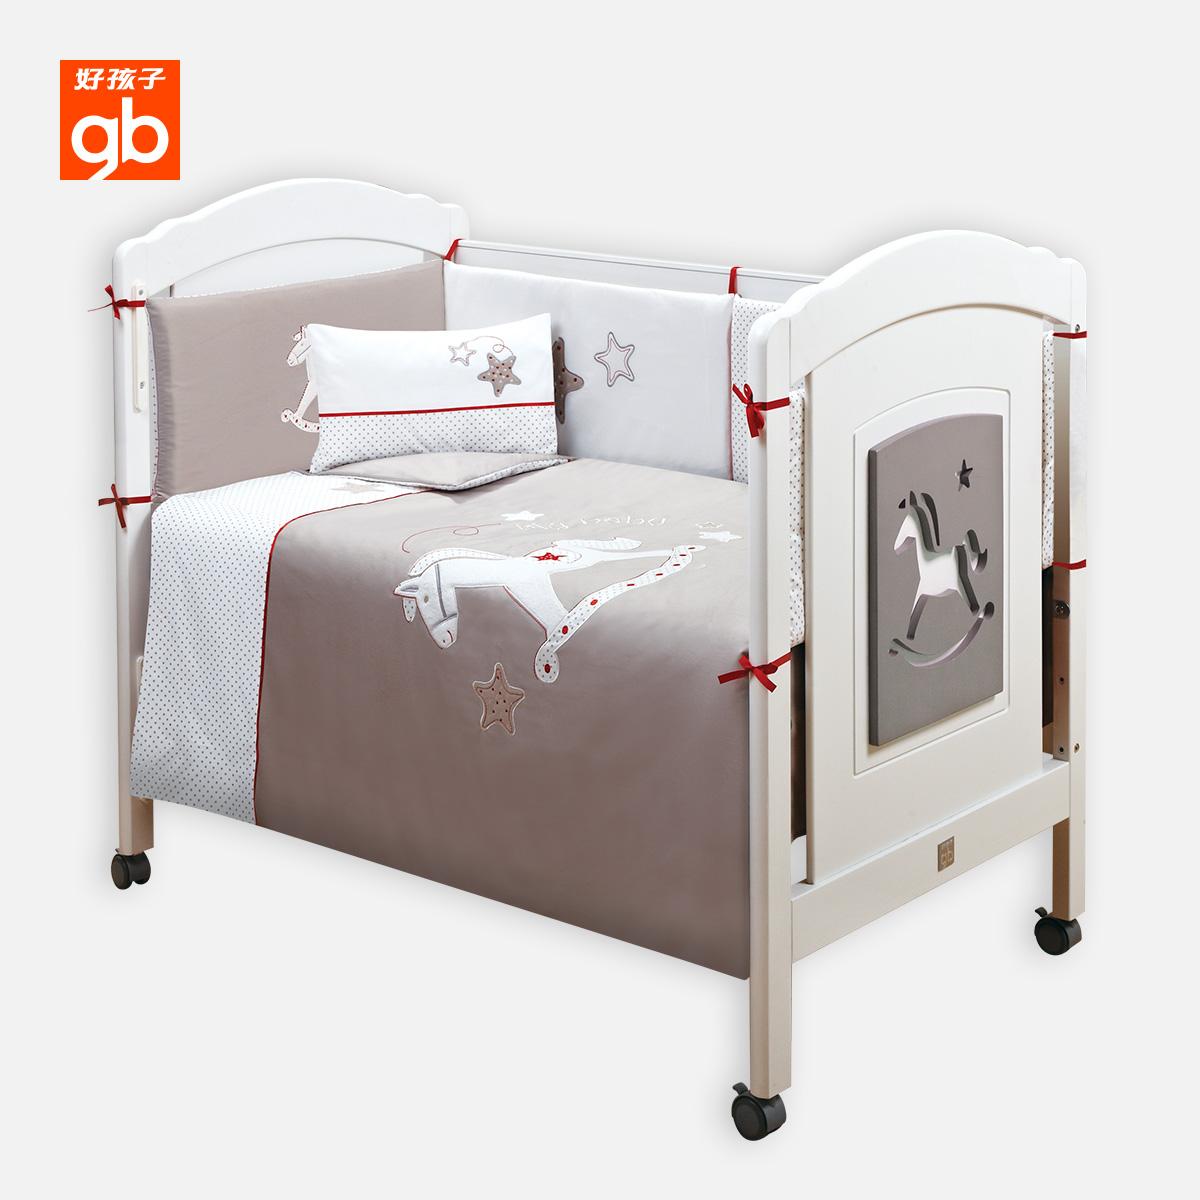 好孩子婴儿床上用品套件A15366/A15367